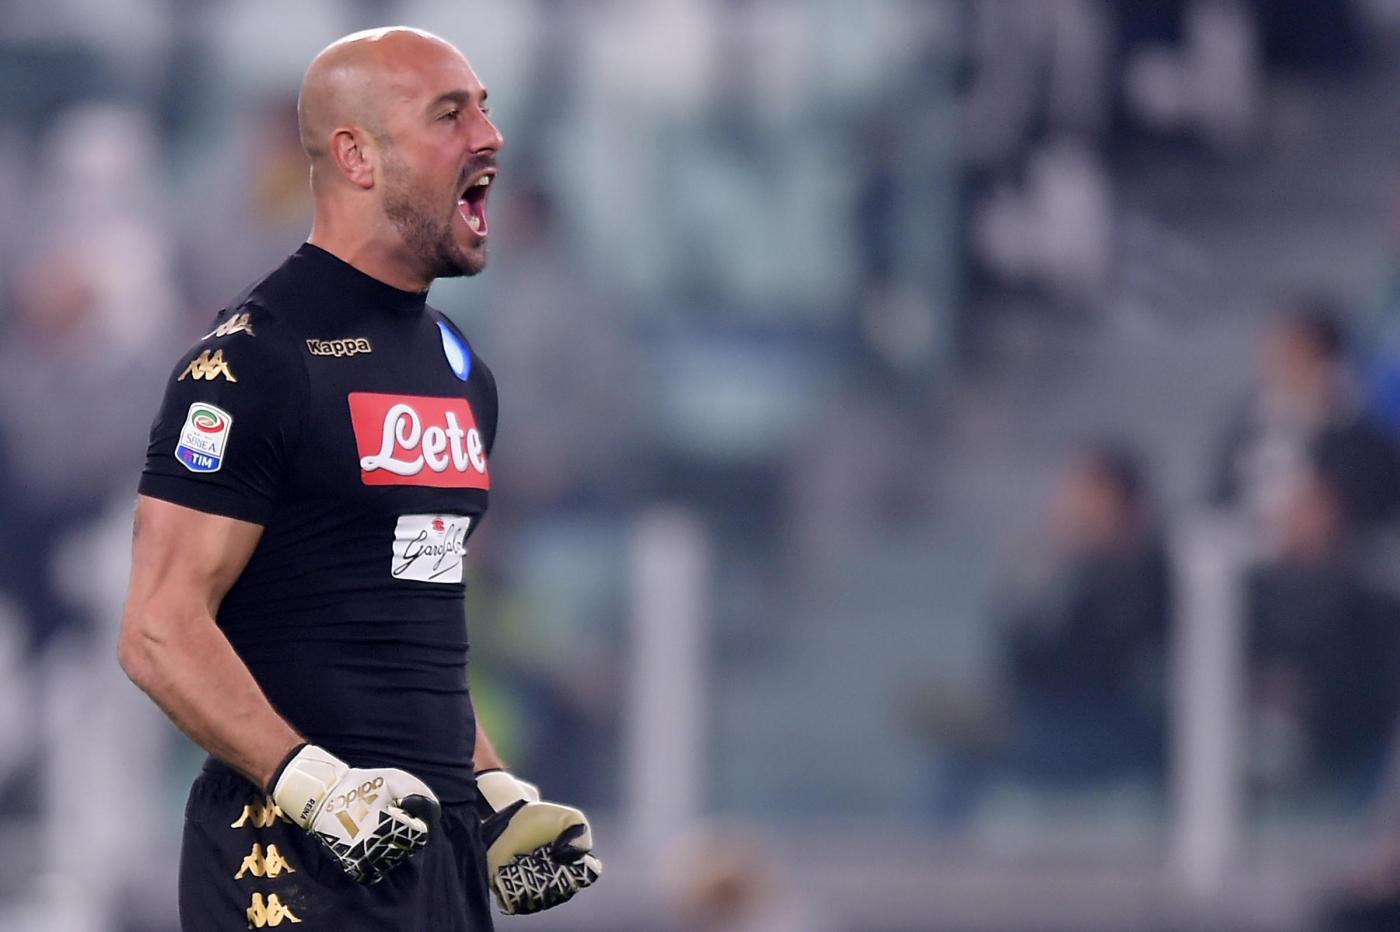 Calciomercato Napoli, De Laurentiis: Reina? C'è un contratto